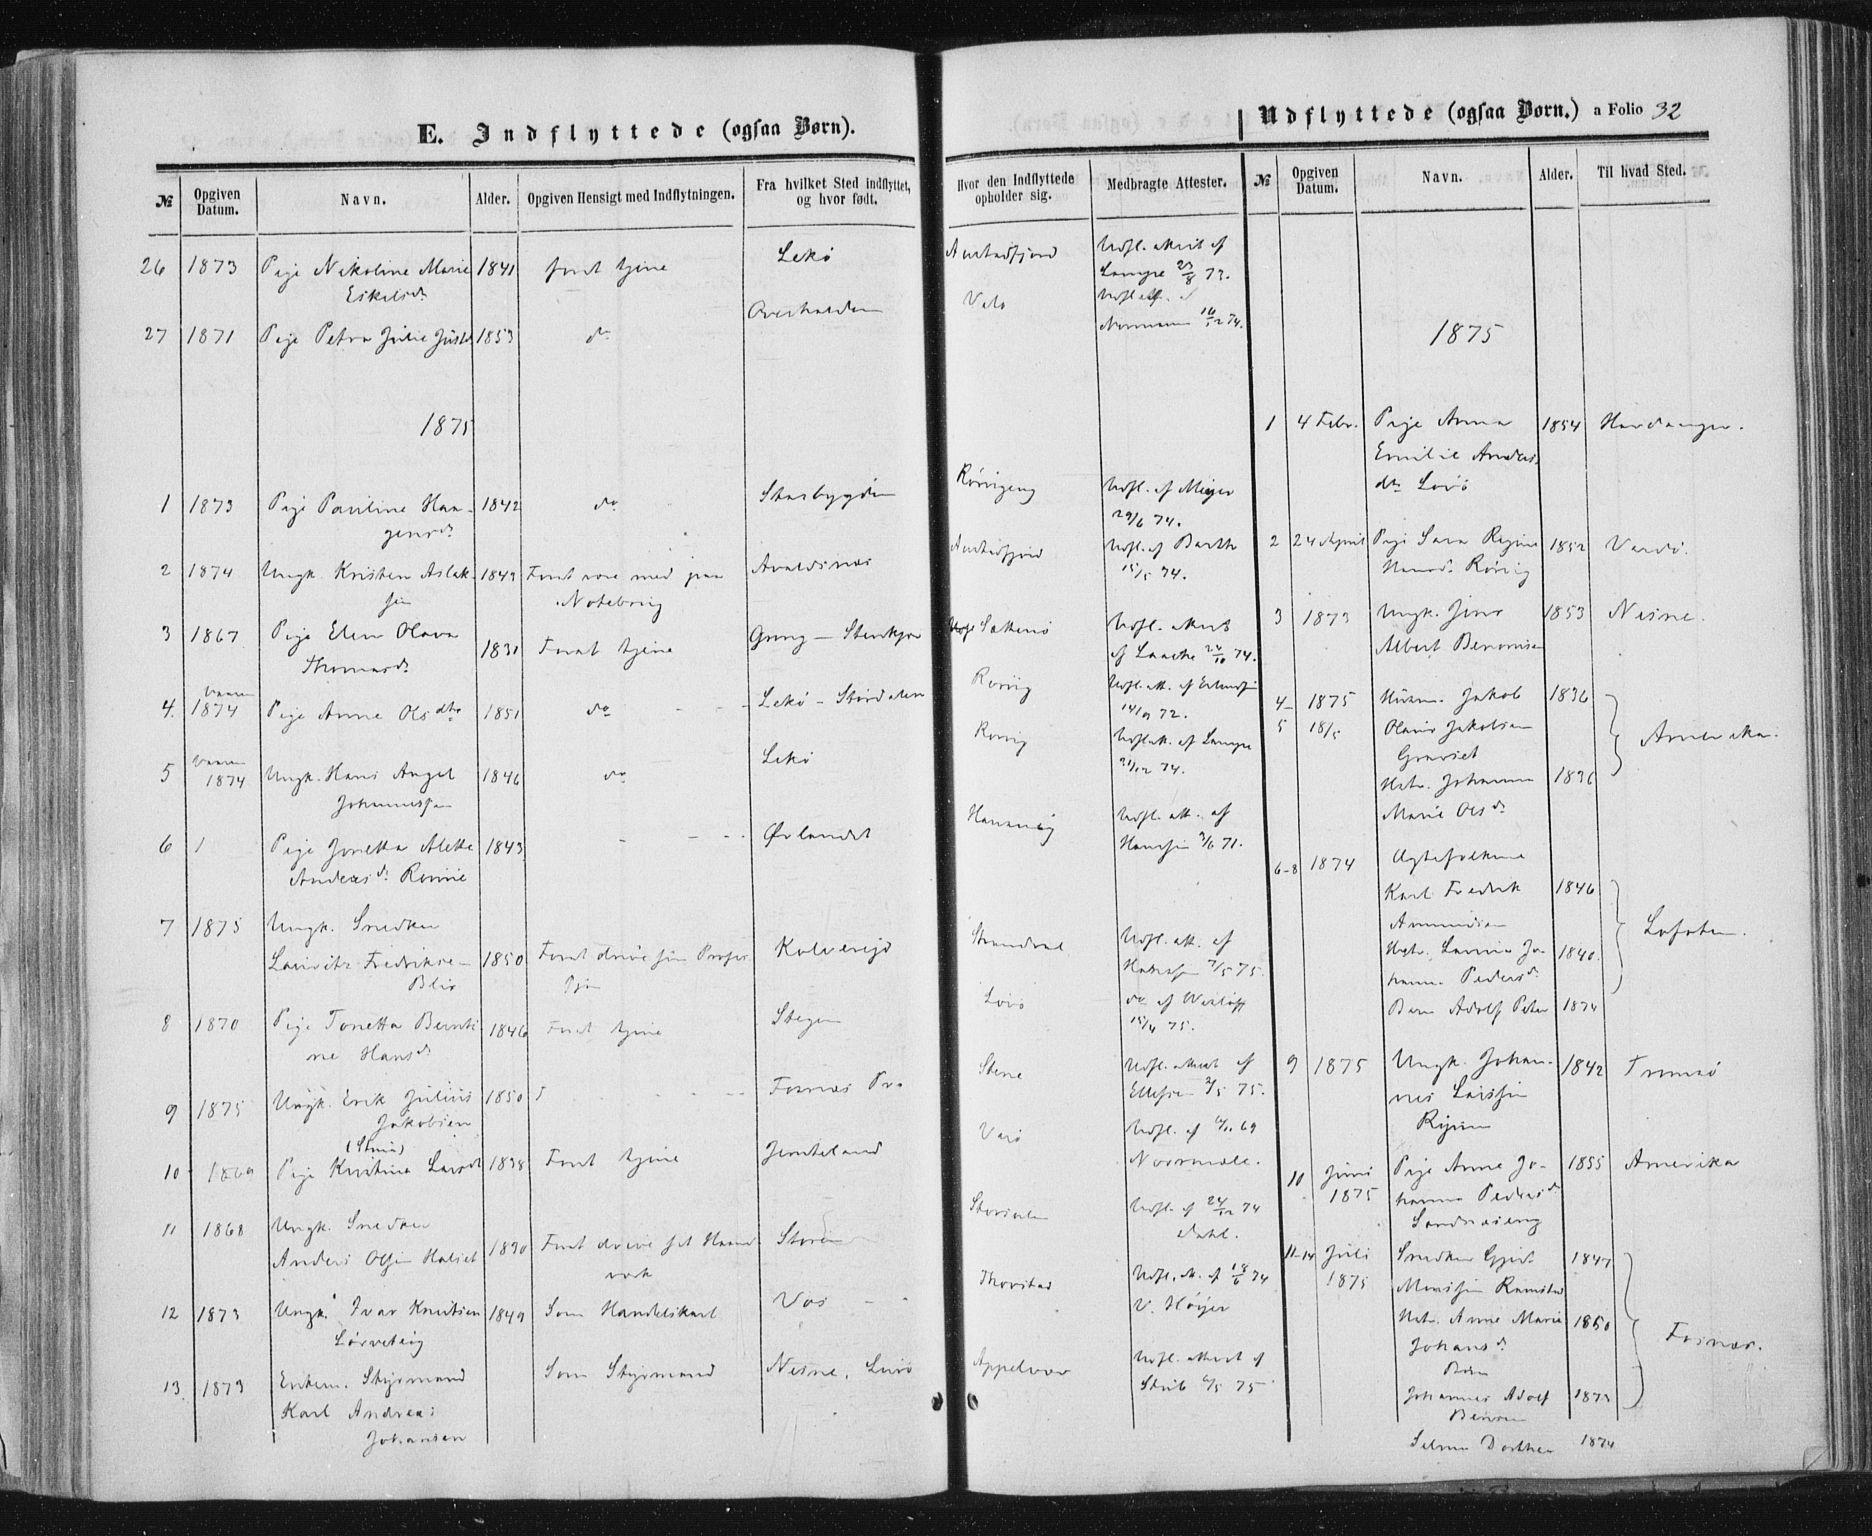 SAT, Ministerialprotokoller, klokkerbøker og fødselsregistre - Nord-Trøndelag, 784/L0670: Ministerialbok nr. 784A05, 1860-1876, s. 32